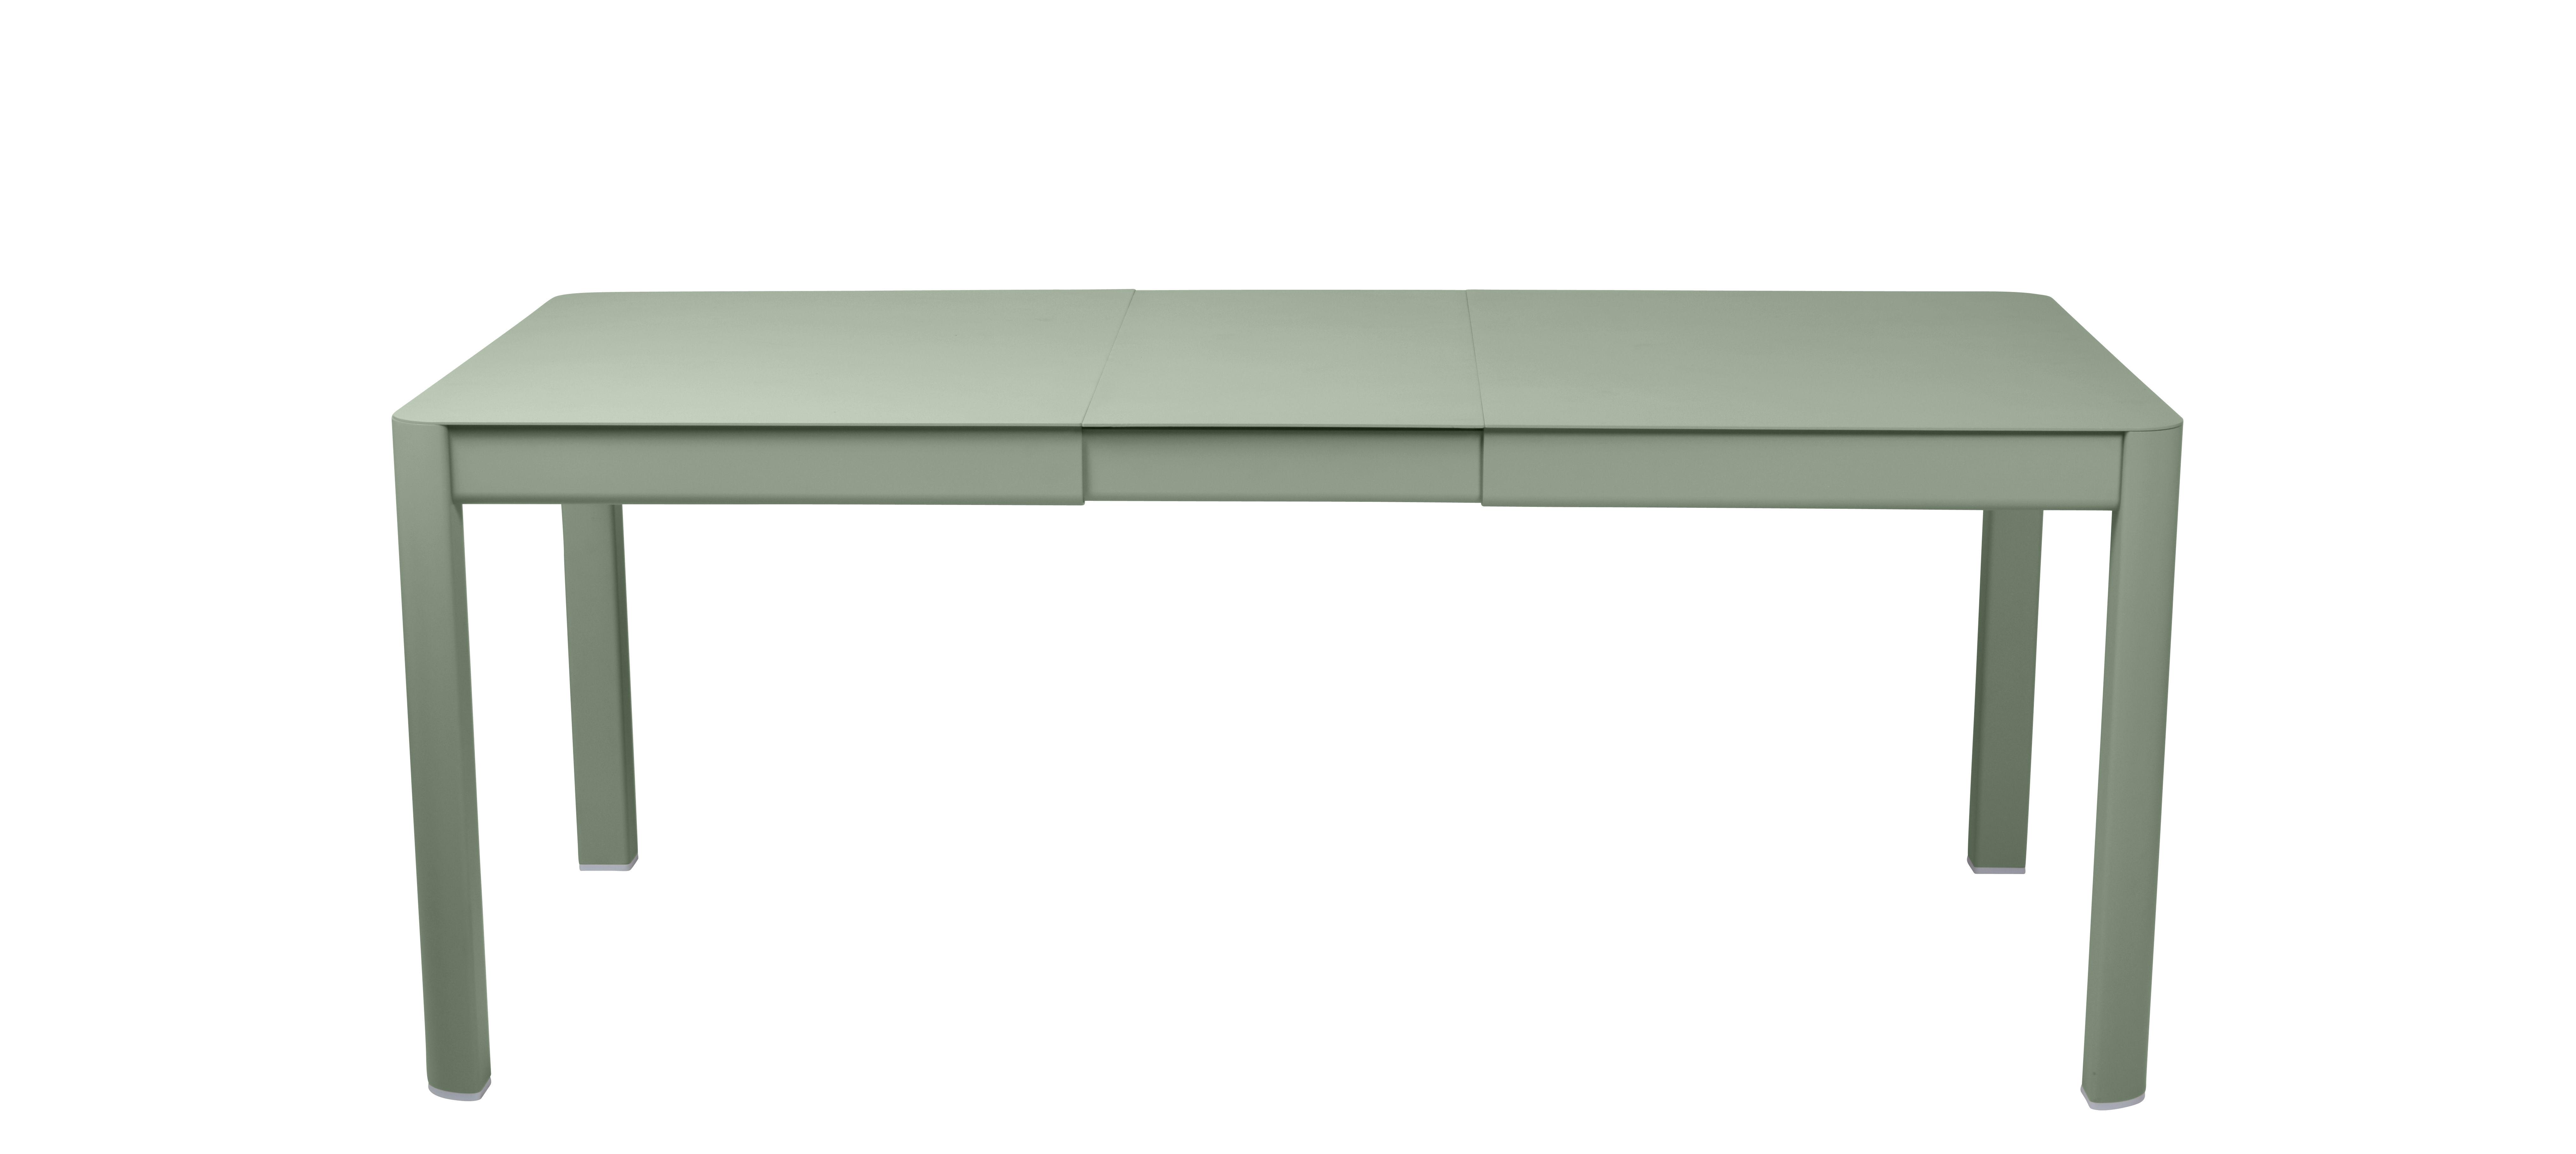 Outdoor - Tavoli  - Tavolo con prolunga Ribambelle Small - / L 149 a 191 cm - 6 a 8 persone di Fermob - Cactus - Alluminio